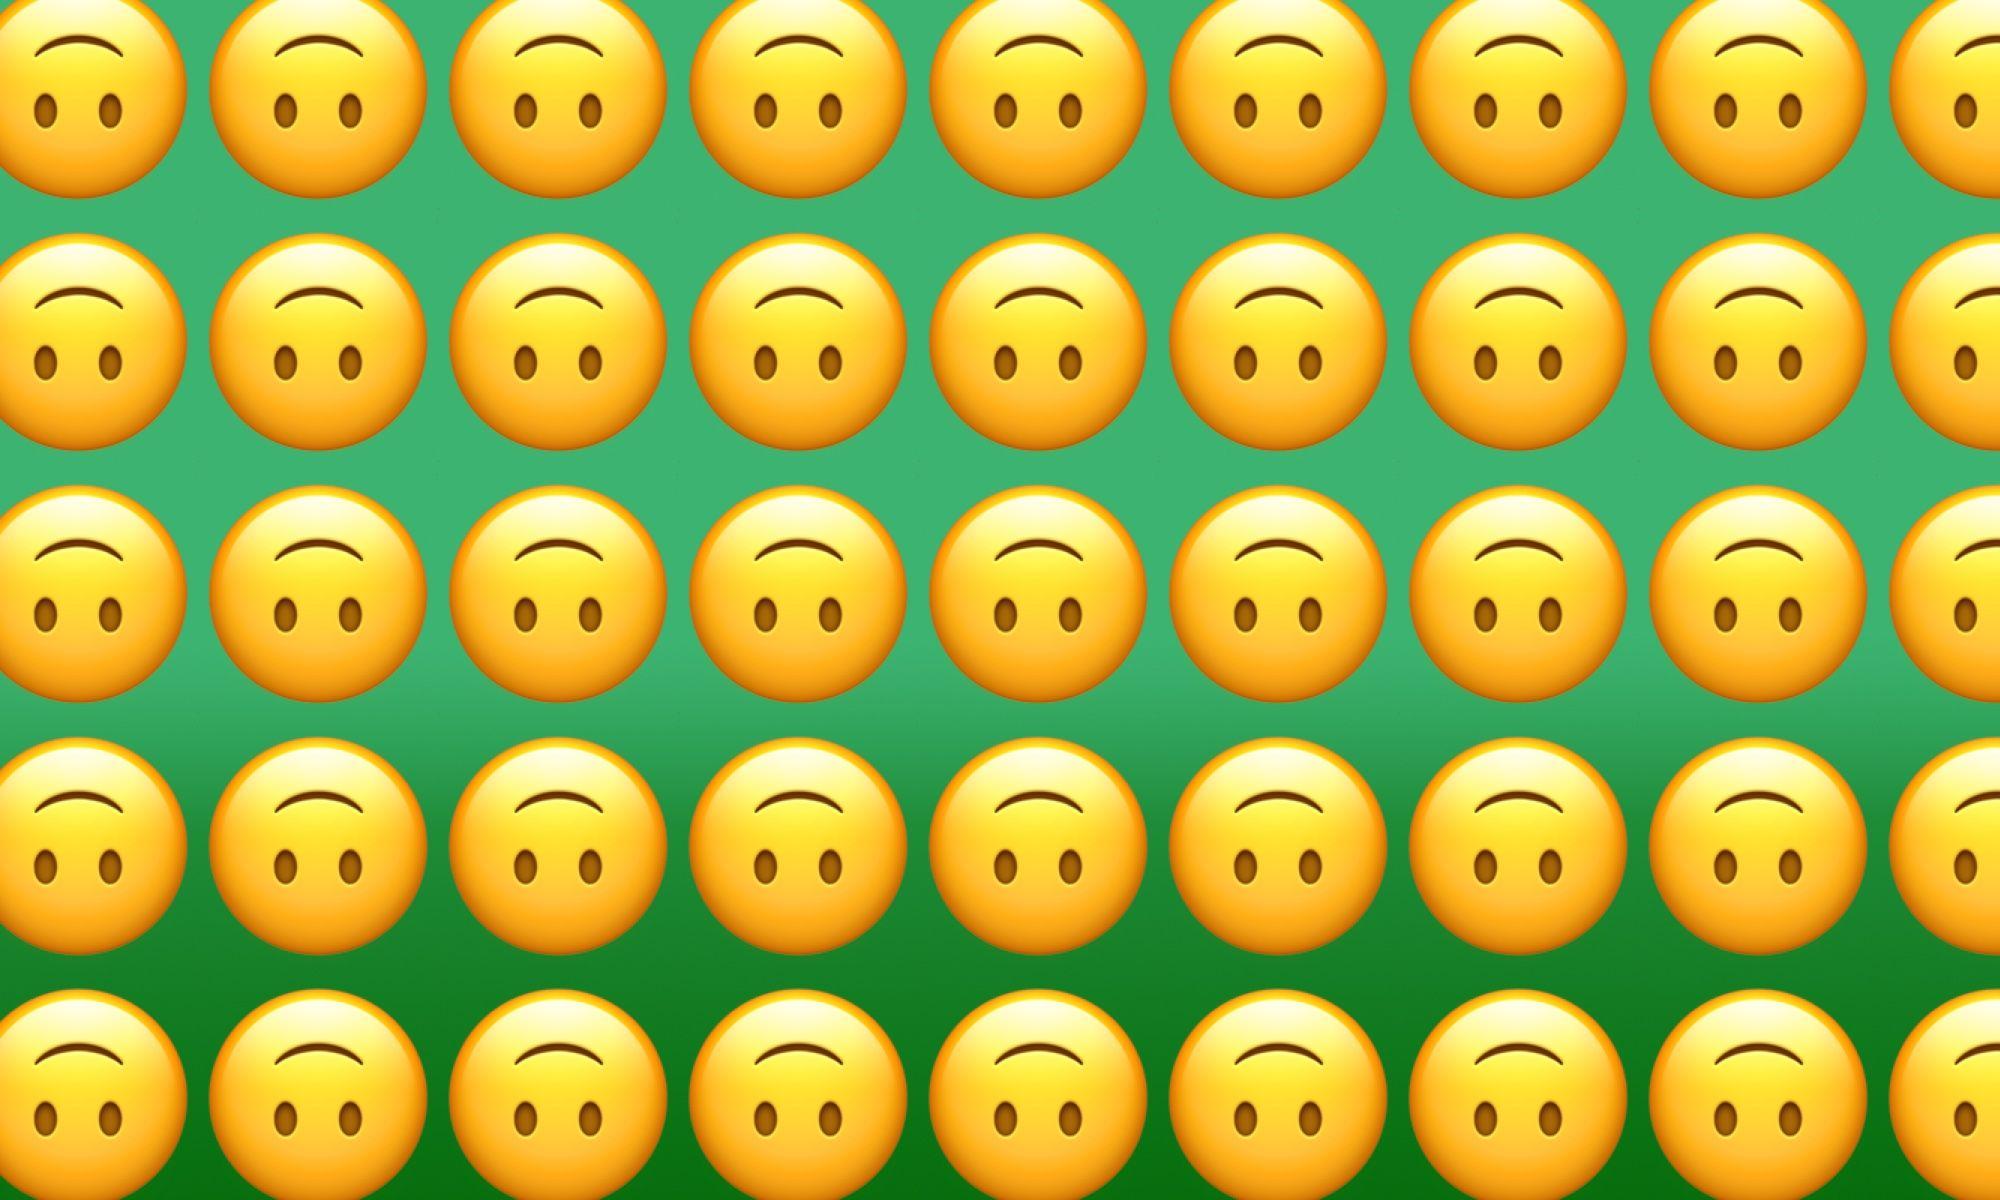 Emoji-Header-Upside-Down-Face-Emojipedia.jpg